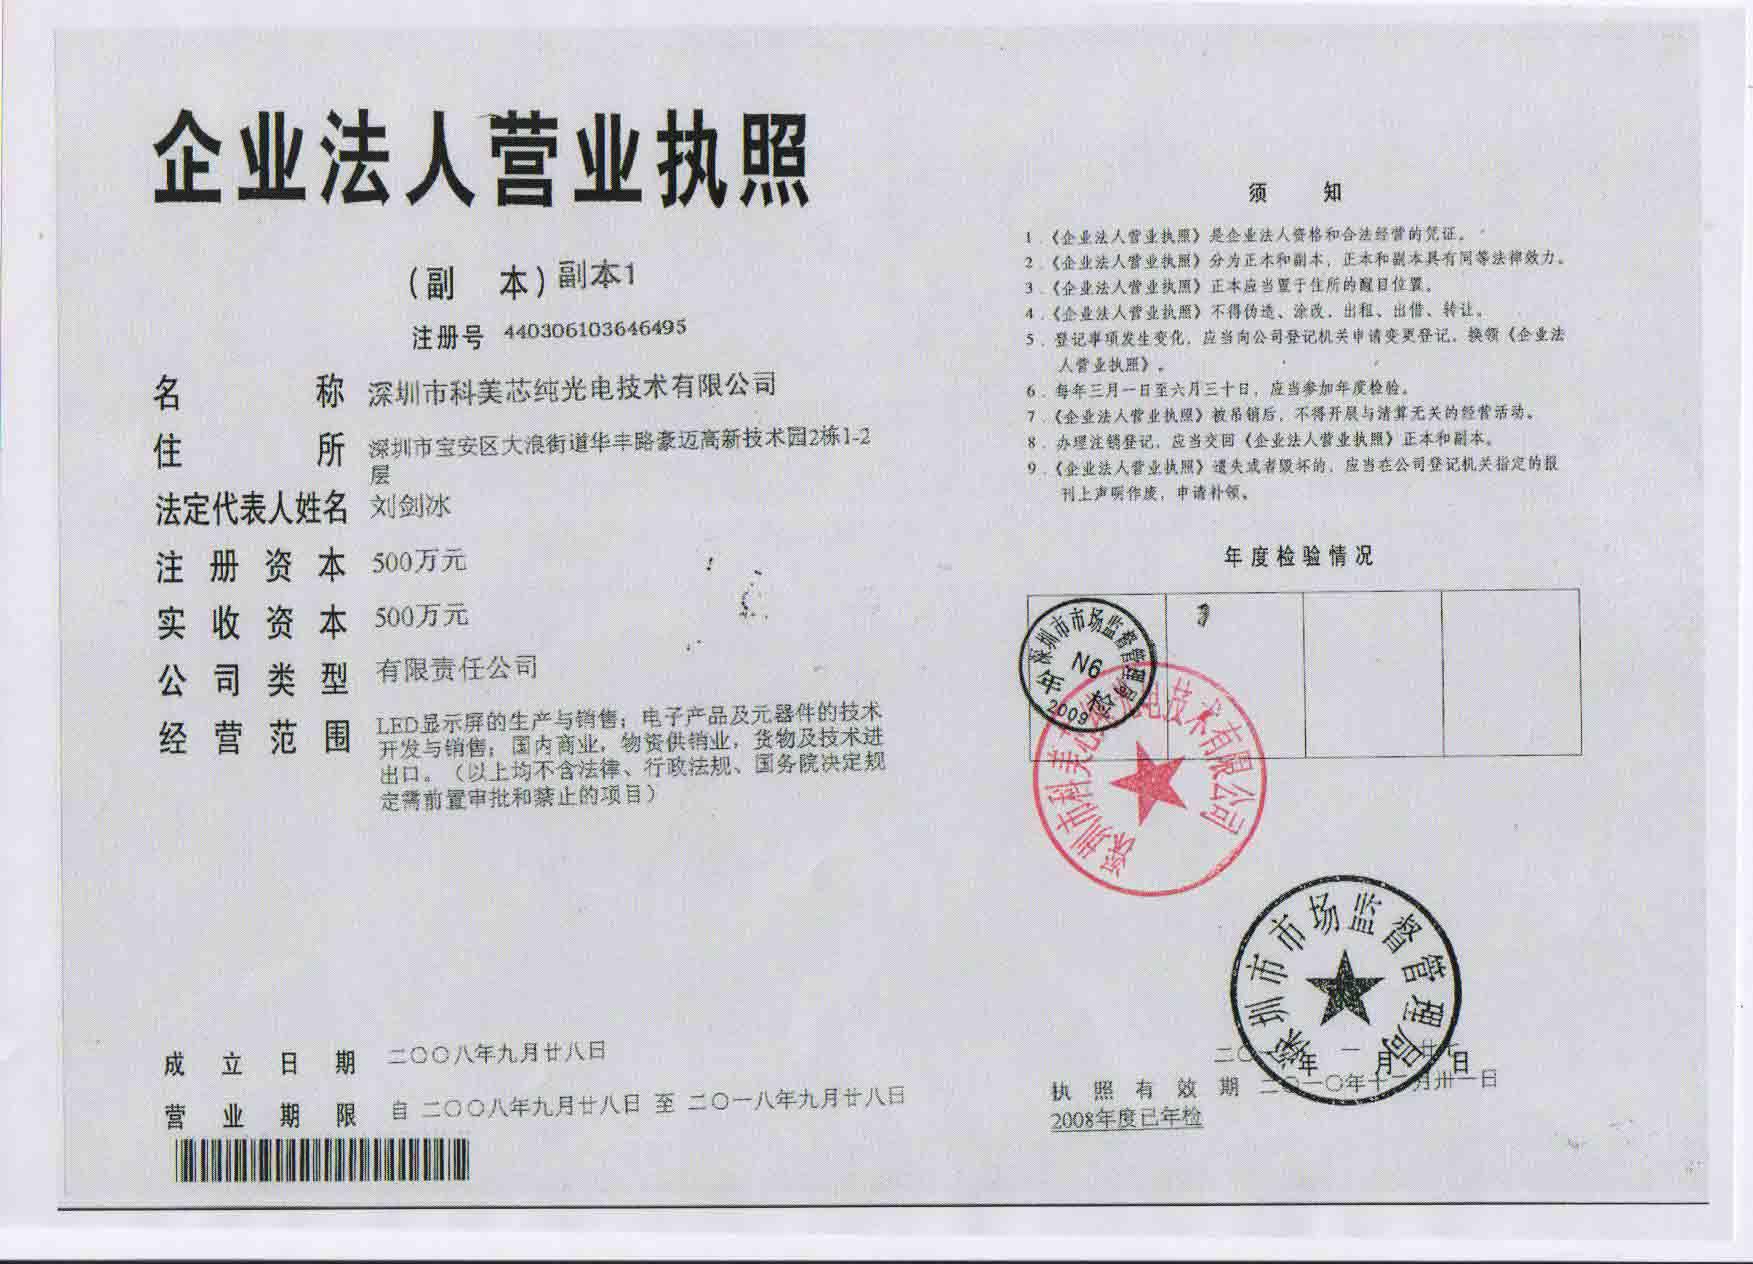 【深圳市科美芯纯光电技术有限公司诚信档案】-深圳